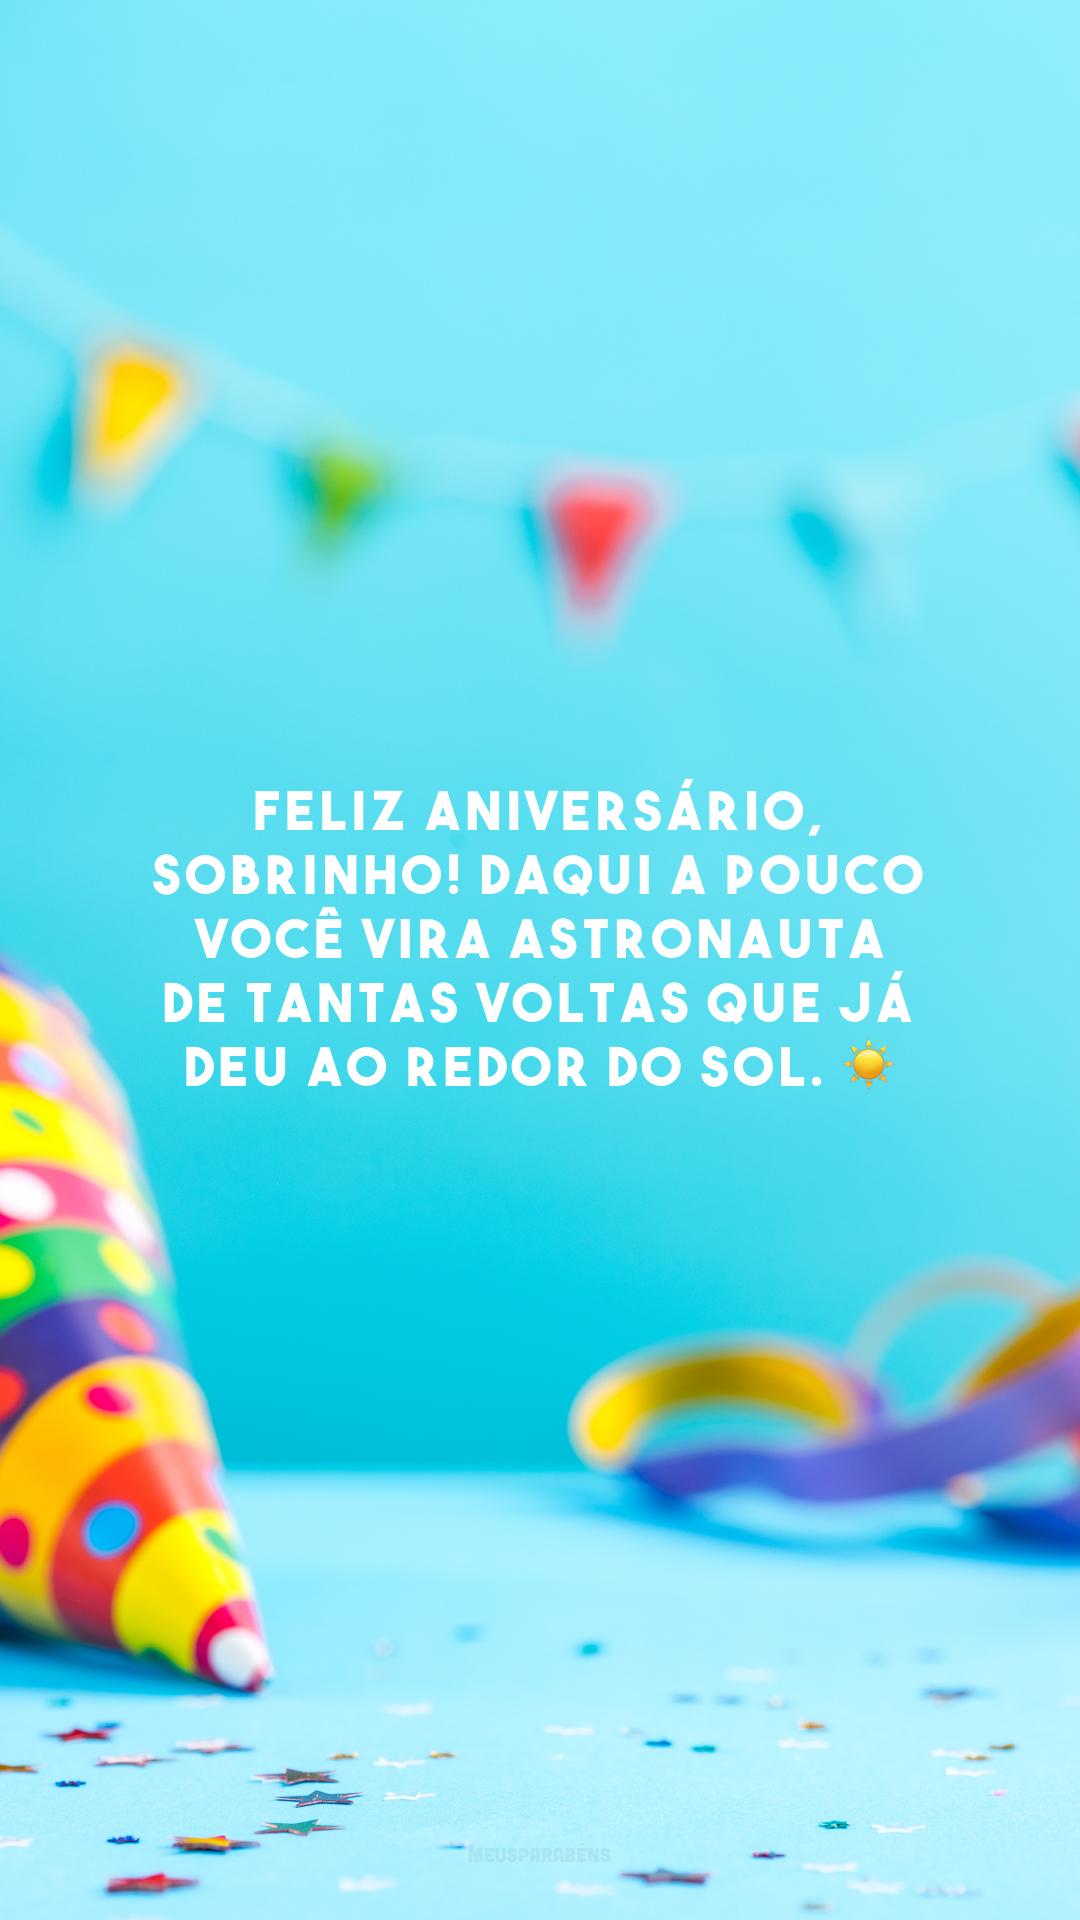 Feliz aniversário, sobrinho! Daqui a pouco você vira astronauta de tantas voltas que já deu ao redor do sol. ☀